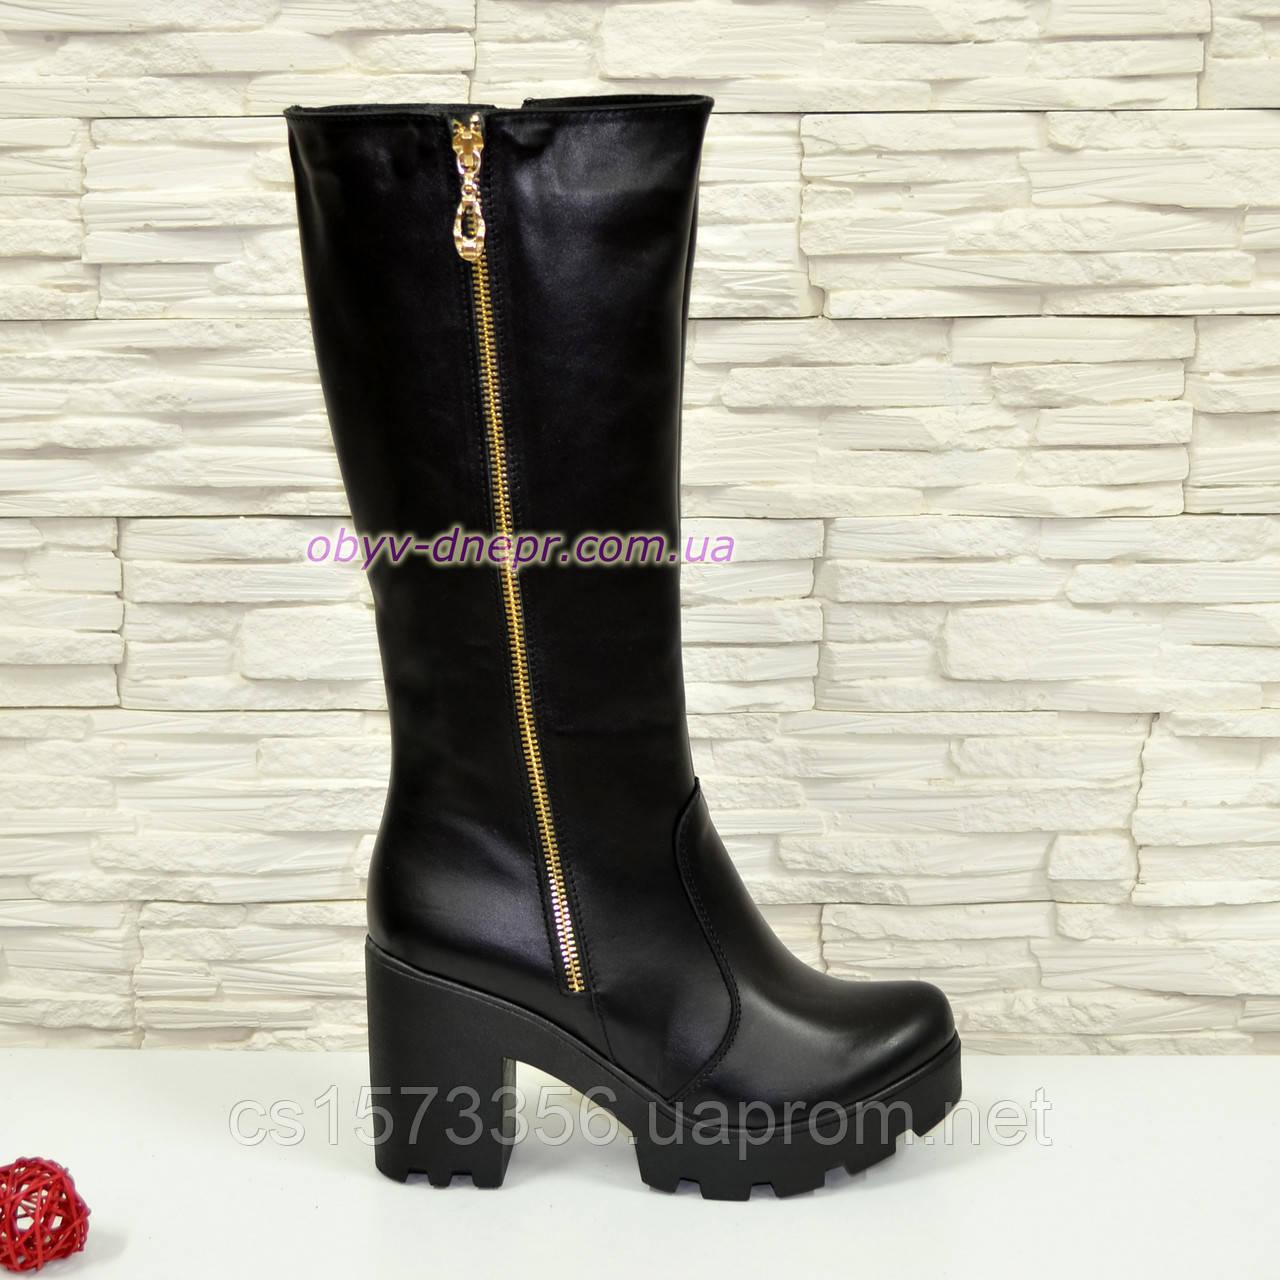 Сапоги кожаные черные женские демисезонные на устойчивом каблуке, декорированы молнией